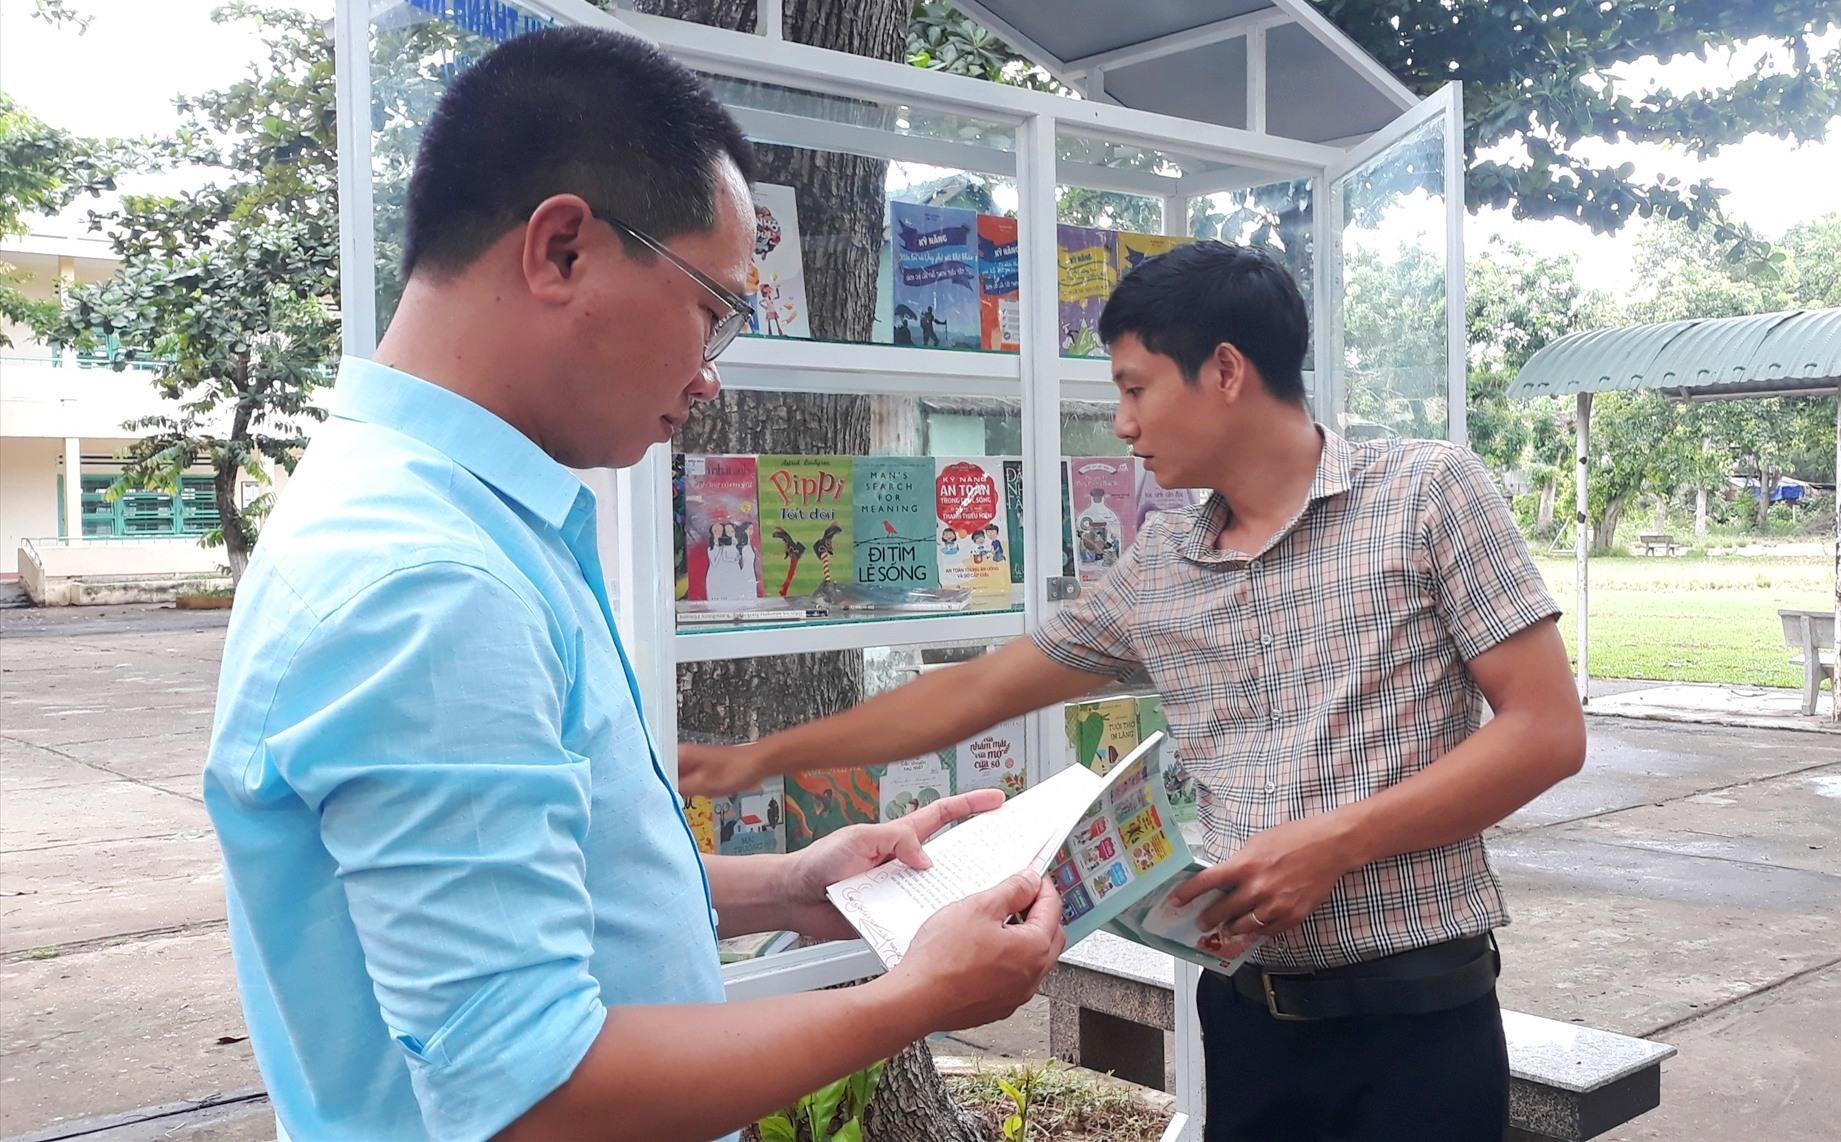 """Thầy Tăng Văn Chung (trái) và thầy Nguyễn Khắc Việt đọc sách ở """"cây sách"""" sân trường. Ảnh: C.N"""